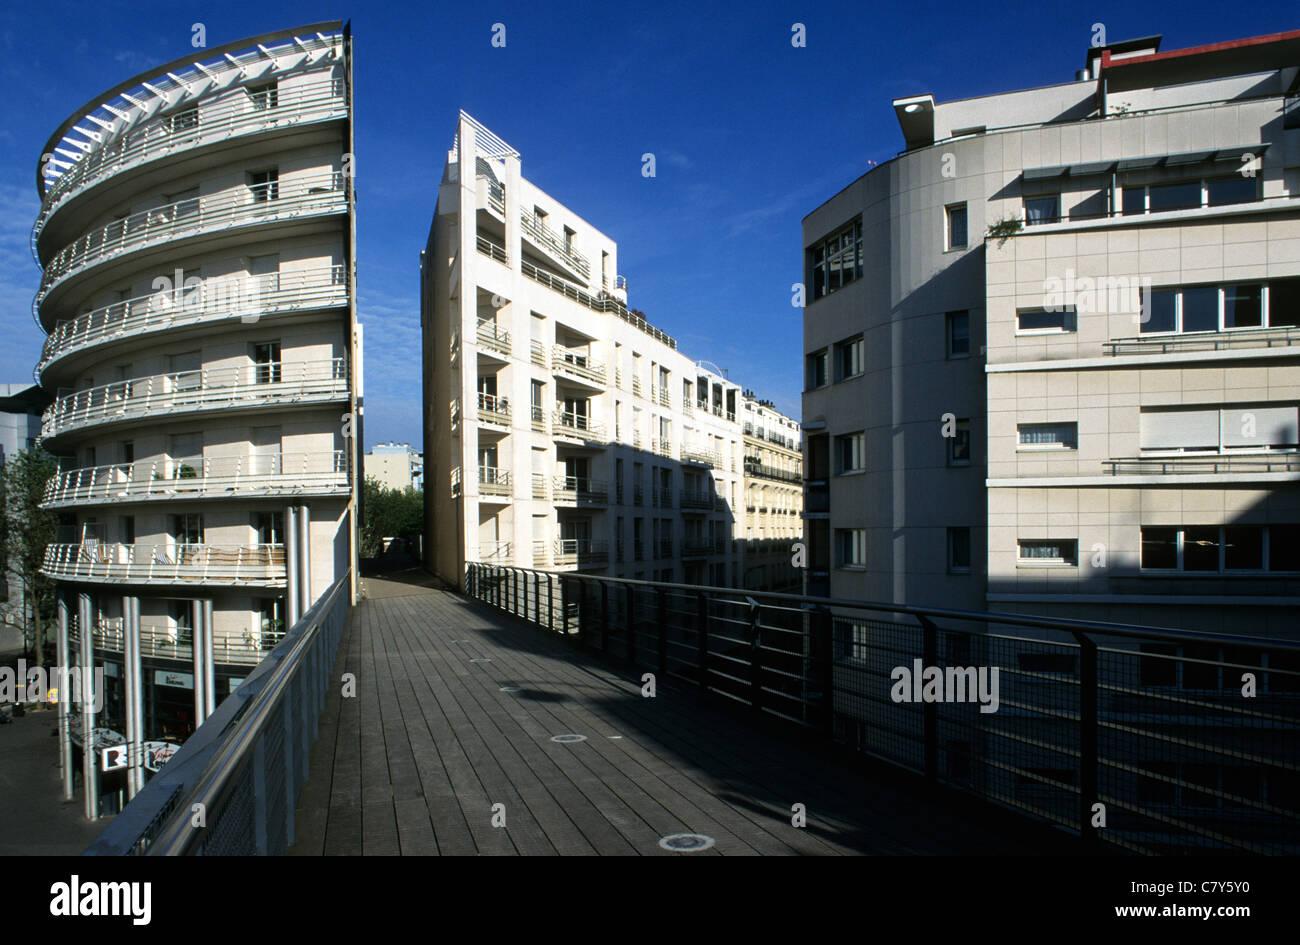 France, Île-de-France, Paris, Promenade Plante Photo Stock